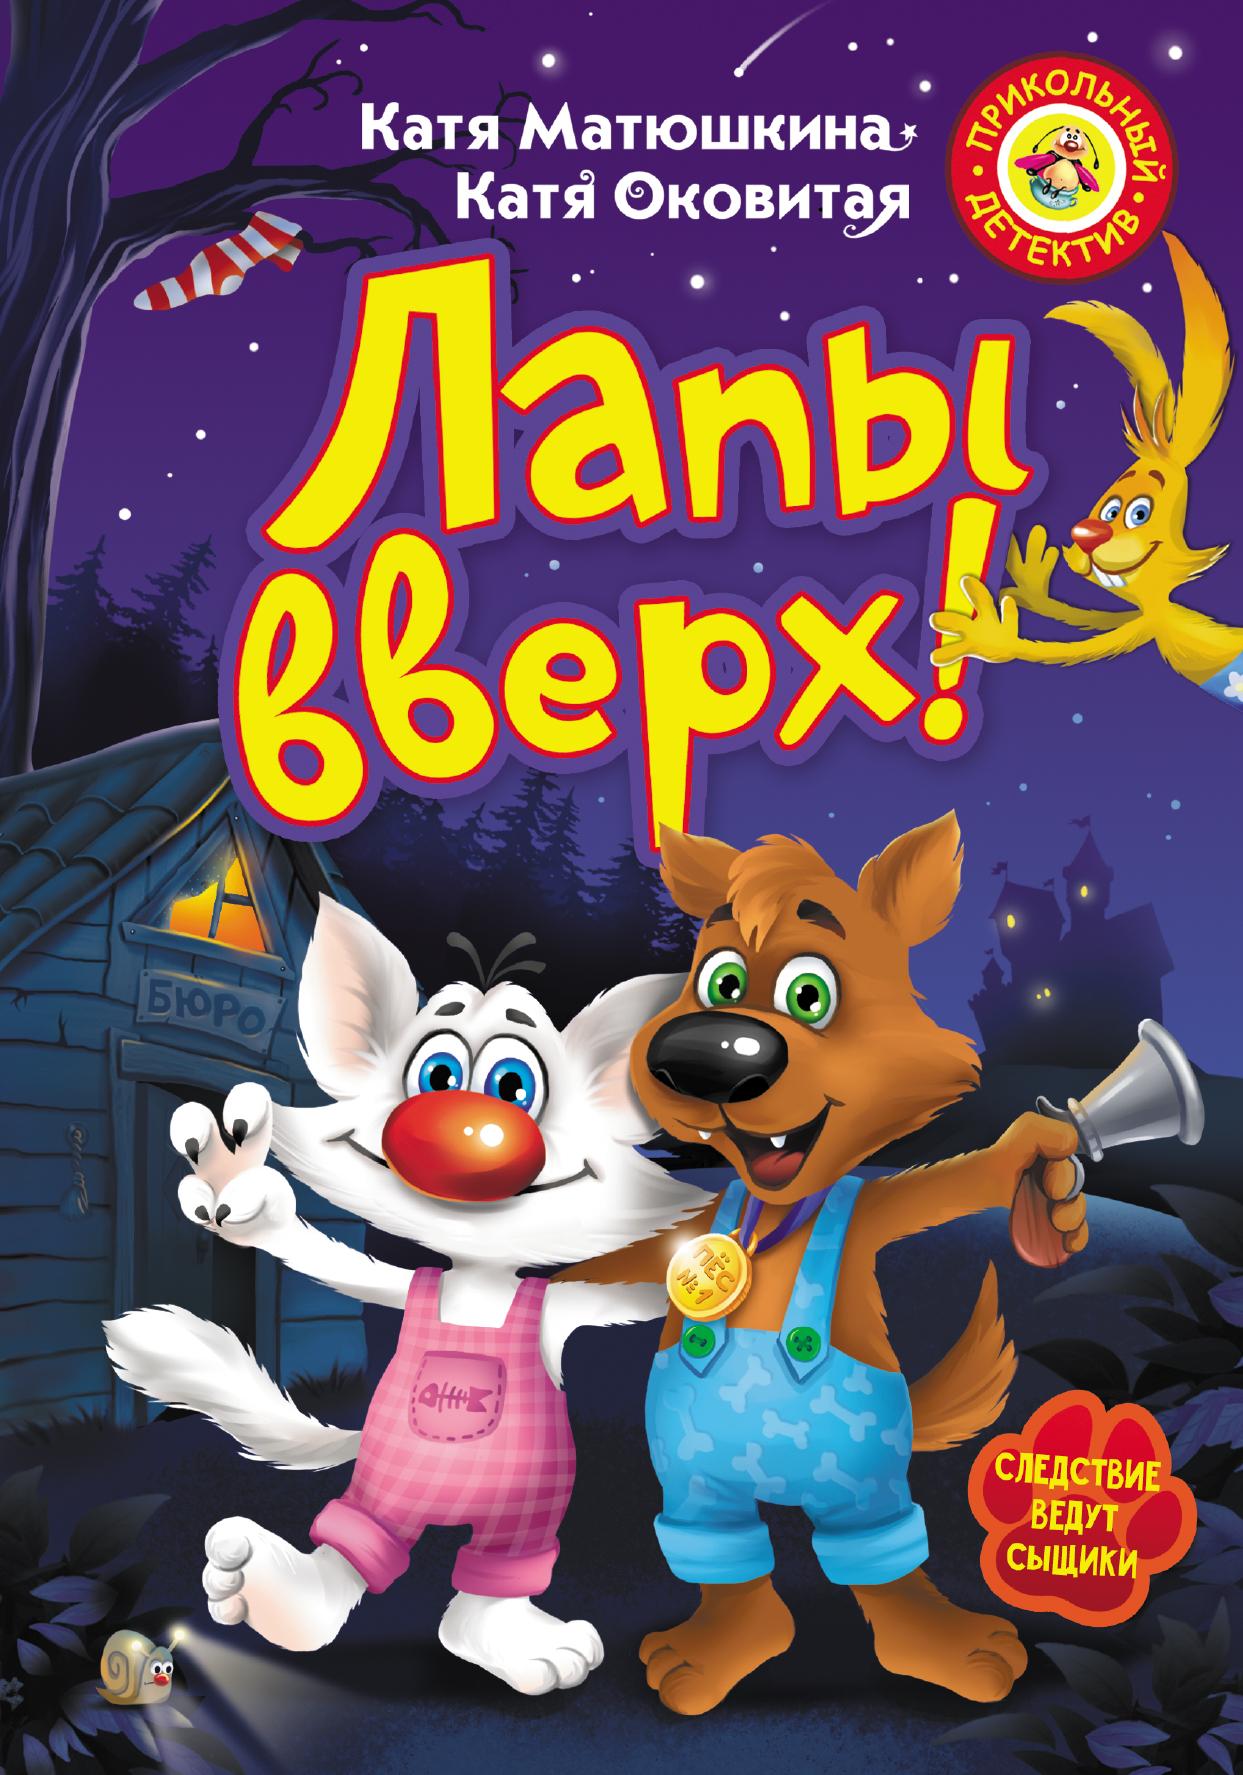 Катя Матюшкина, Катя Оковитая Лапы вверх! матюшкина к оковитая к лапы вверх isbn 978 5 17 079102 6